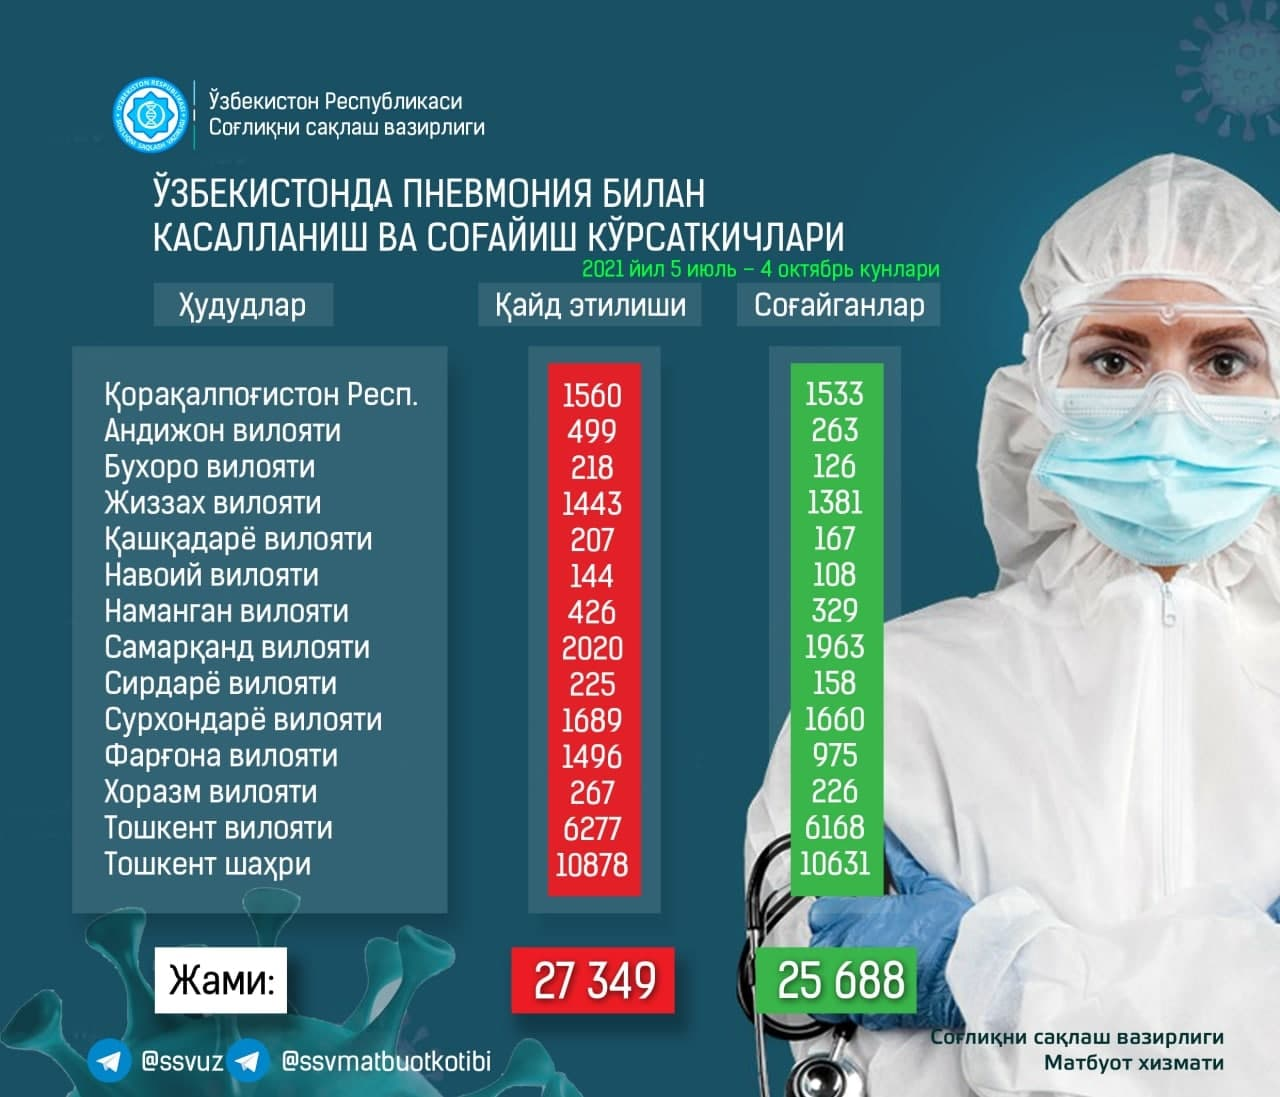 Чуть больше десяти человек заразились пневмонией за сутки — статистика